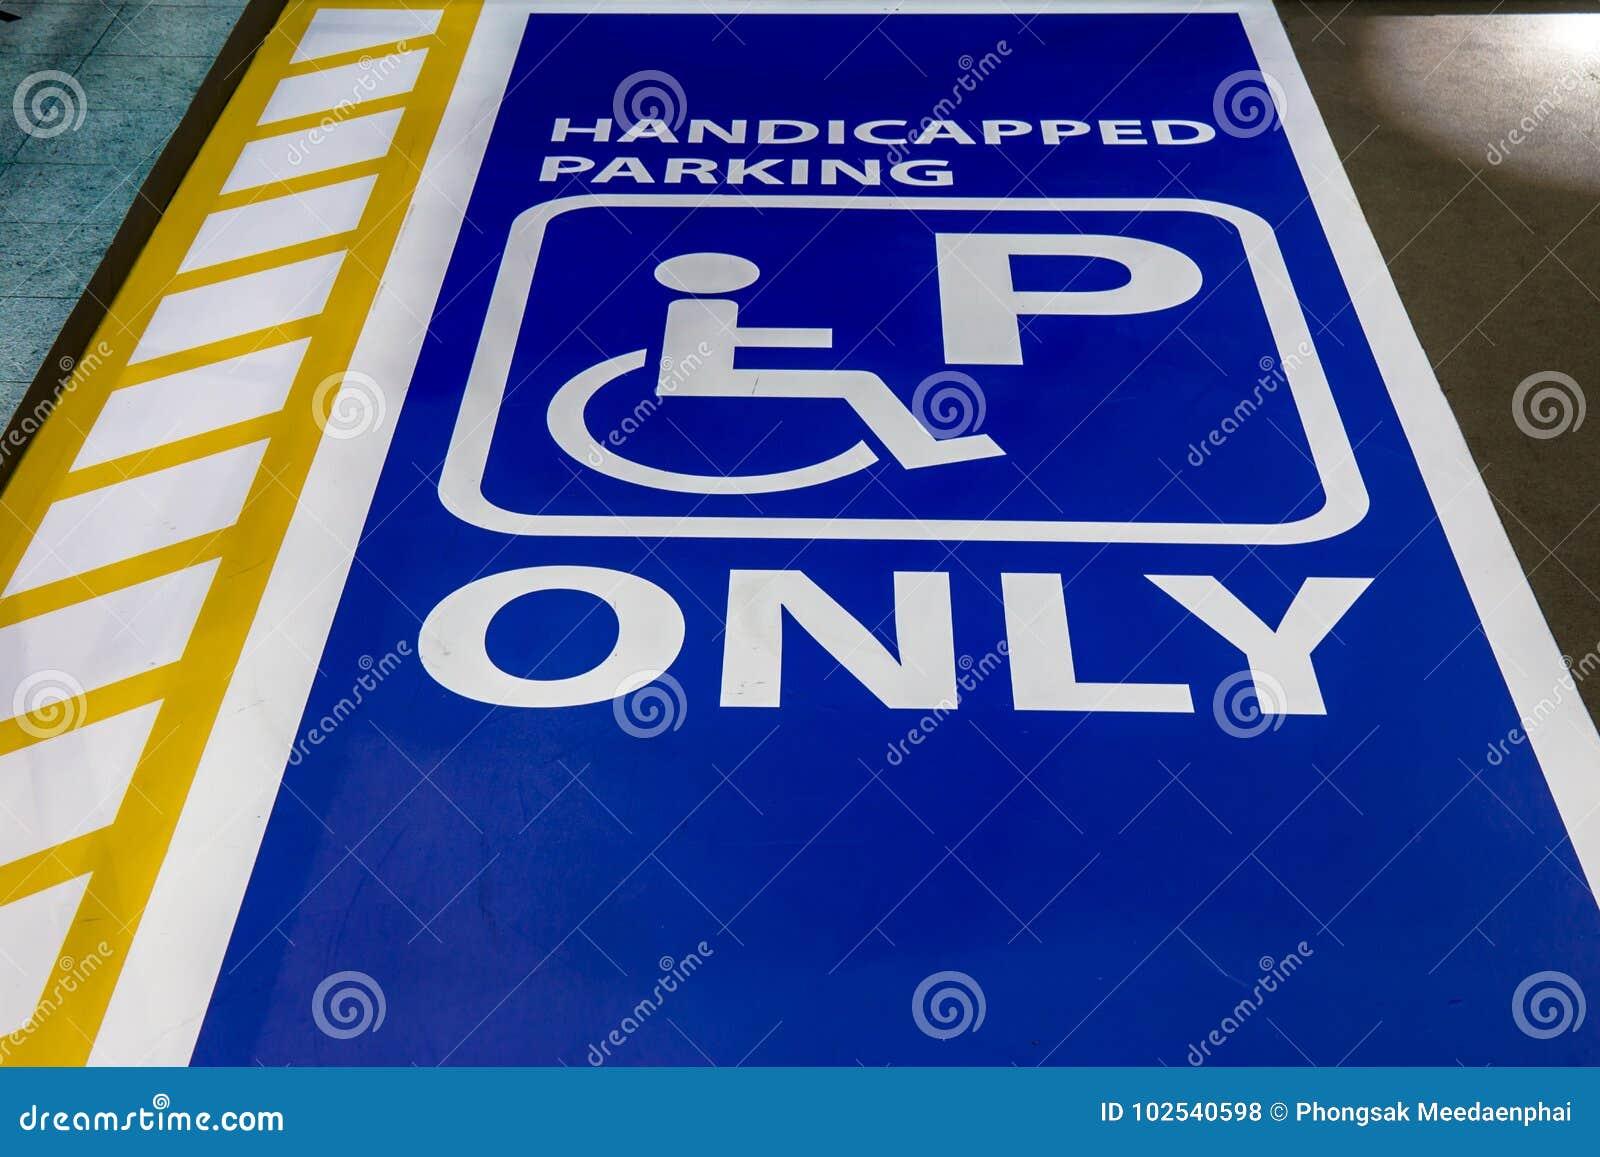 Behindert, nur Zeichenschlitz für Sperrungsleute parkend